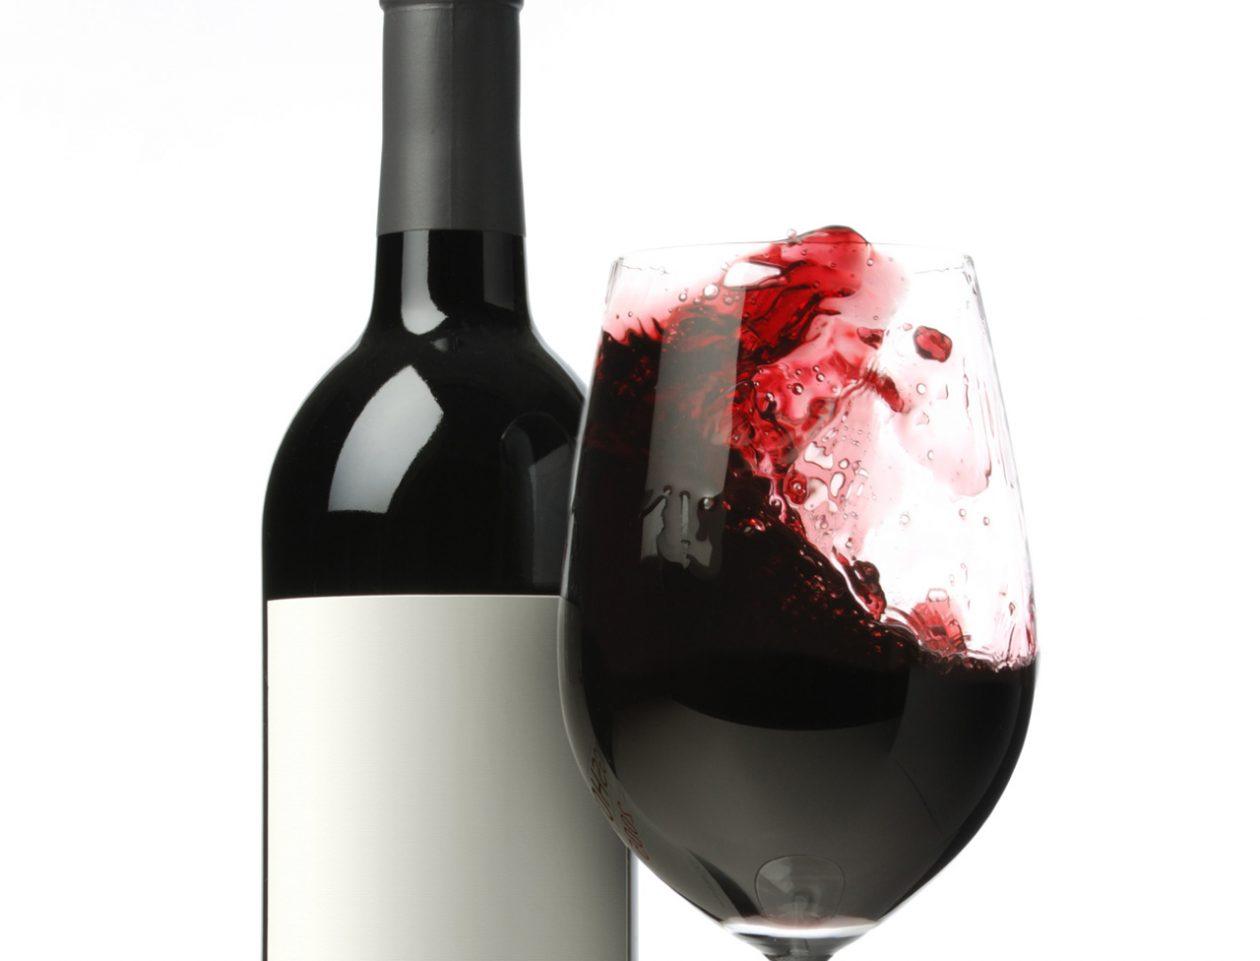 Acheter du vin : vous allez découvrir mes conseils d'expert